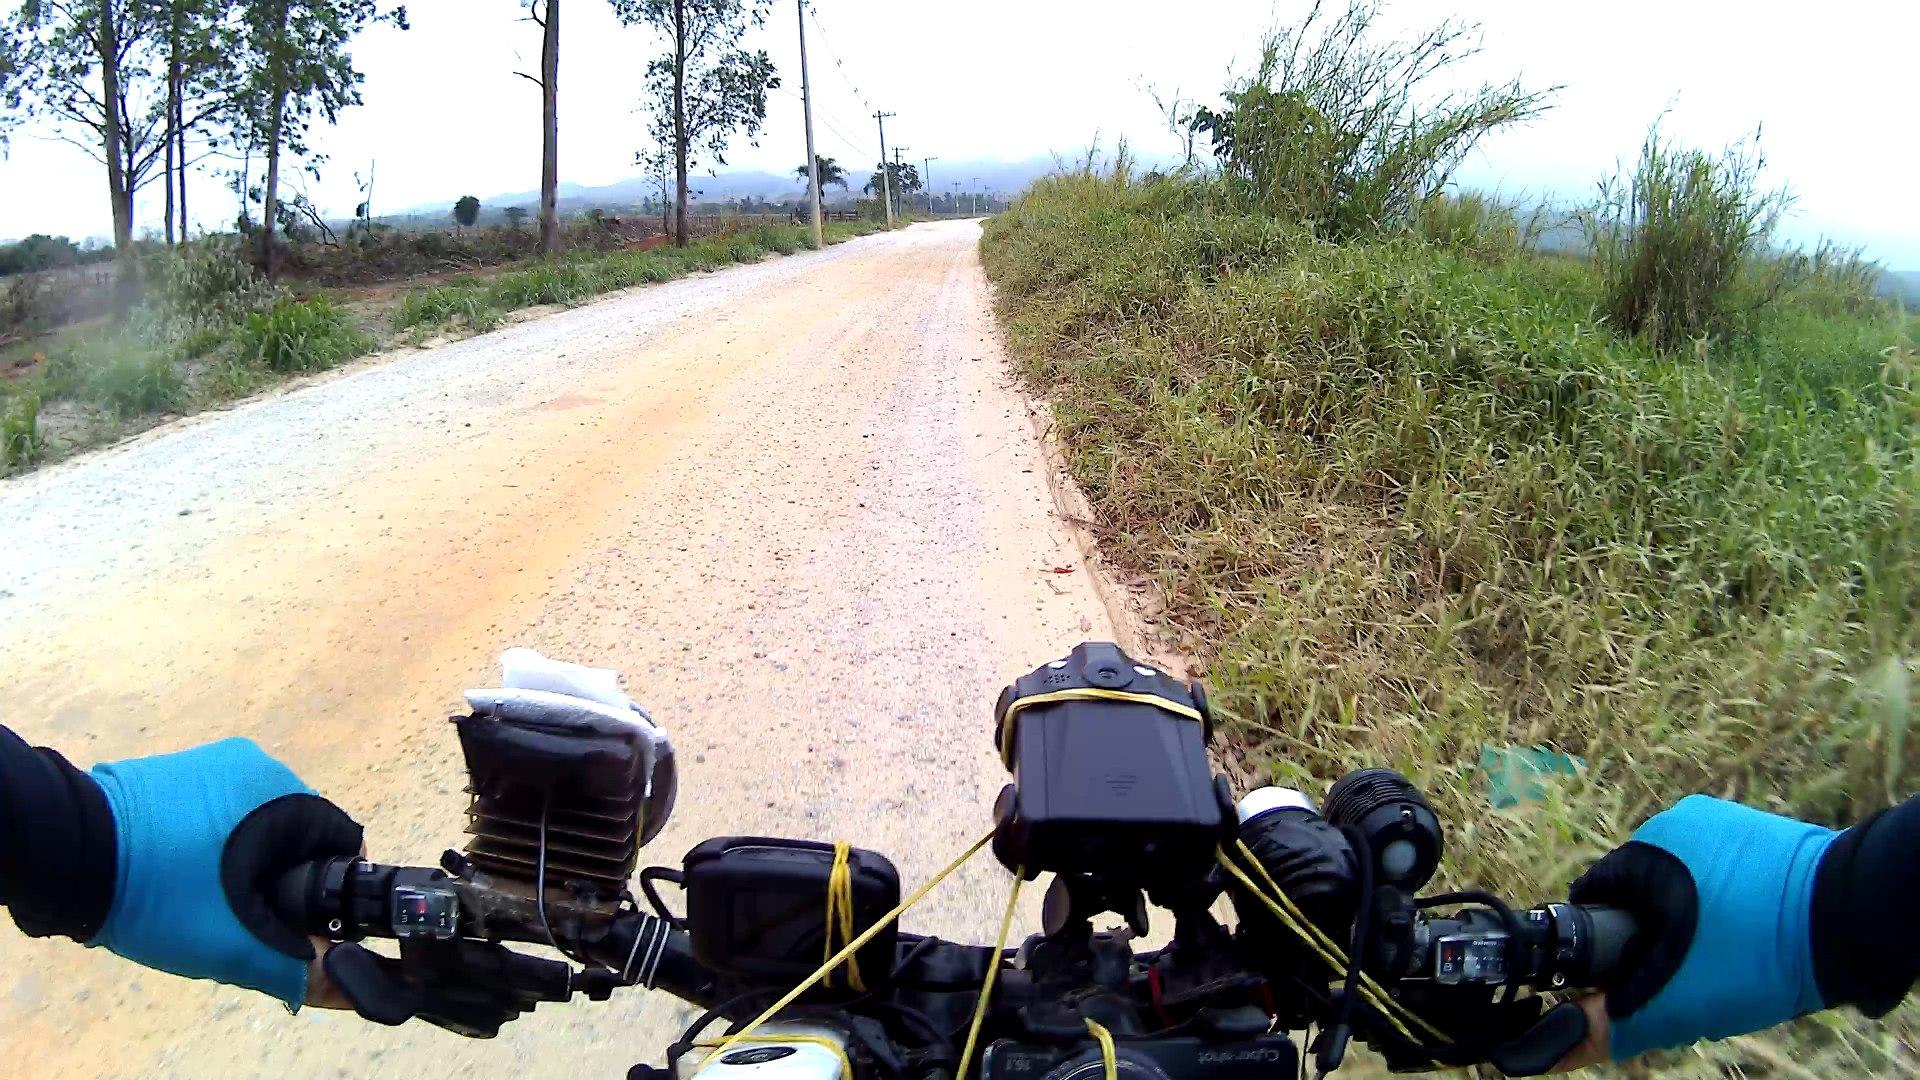 4k, Ultra HD, Mtb, 10 amigos, 58 km, trilhas do Vale do Paraíba, Vale Encantado, fazenda Pedra Branc